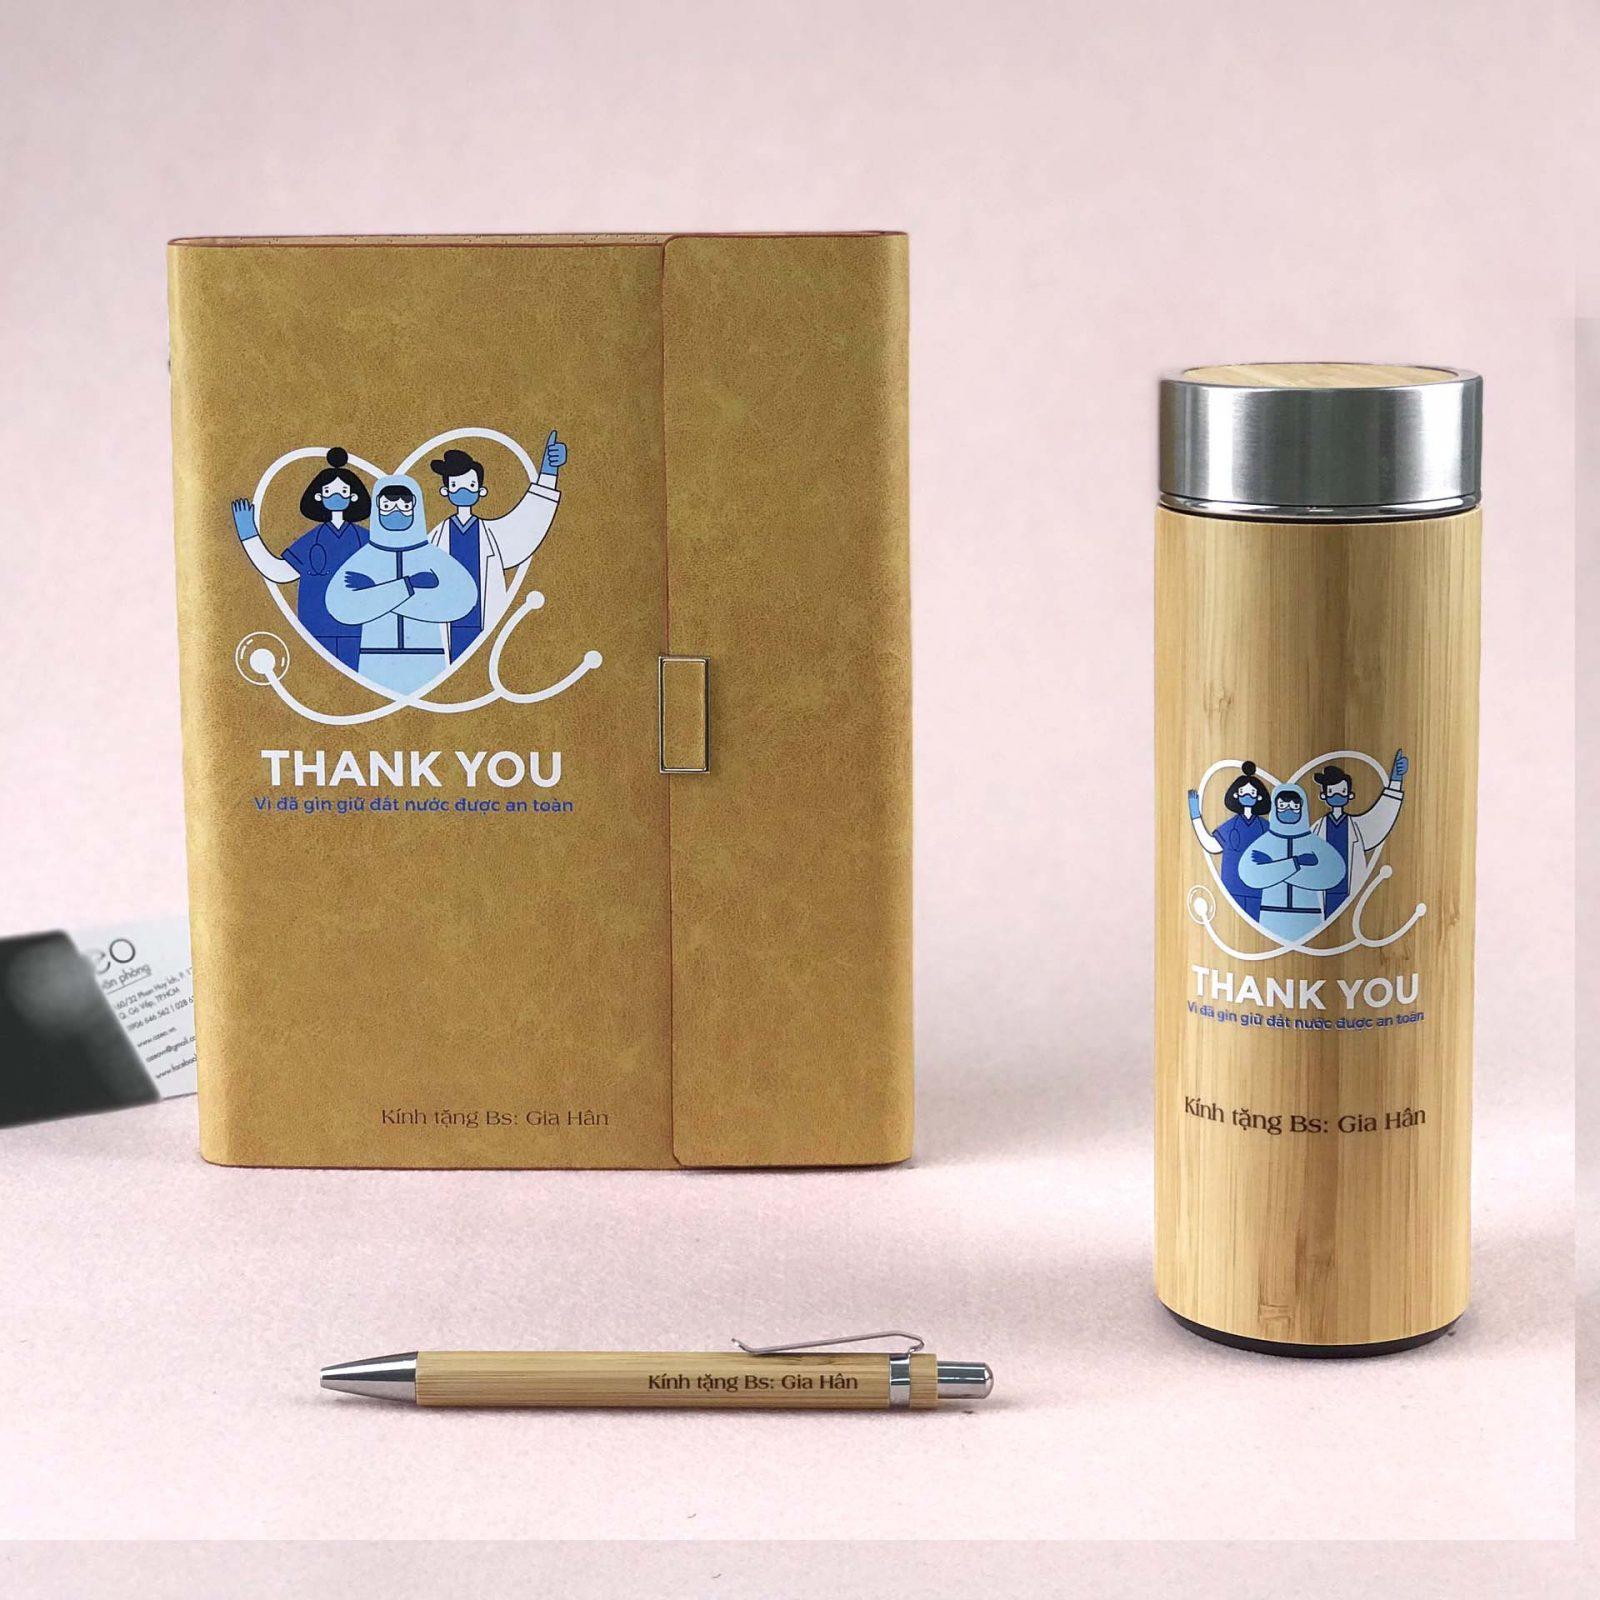 Bộ quà tặng bác sĩ 3 món gồm sổ tay, bút và bình giữ nhiệt in hình độc đáo.